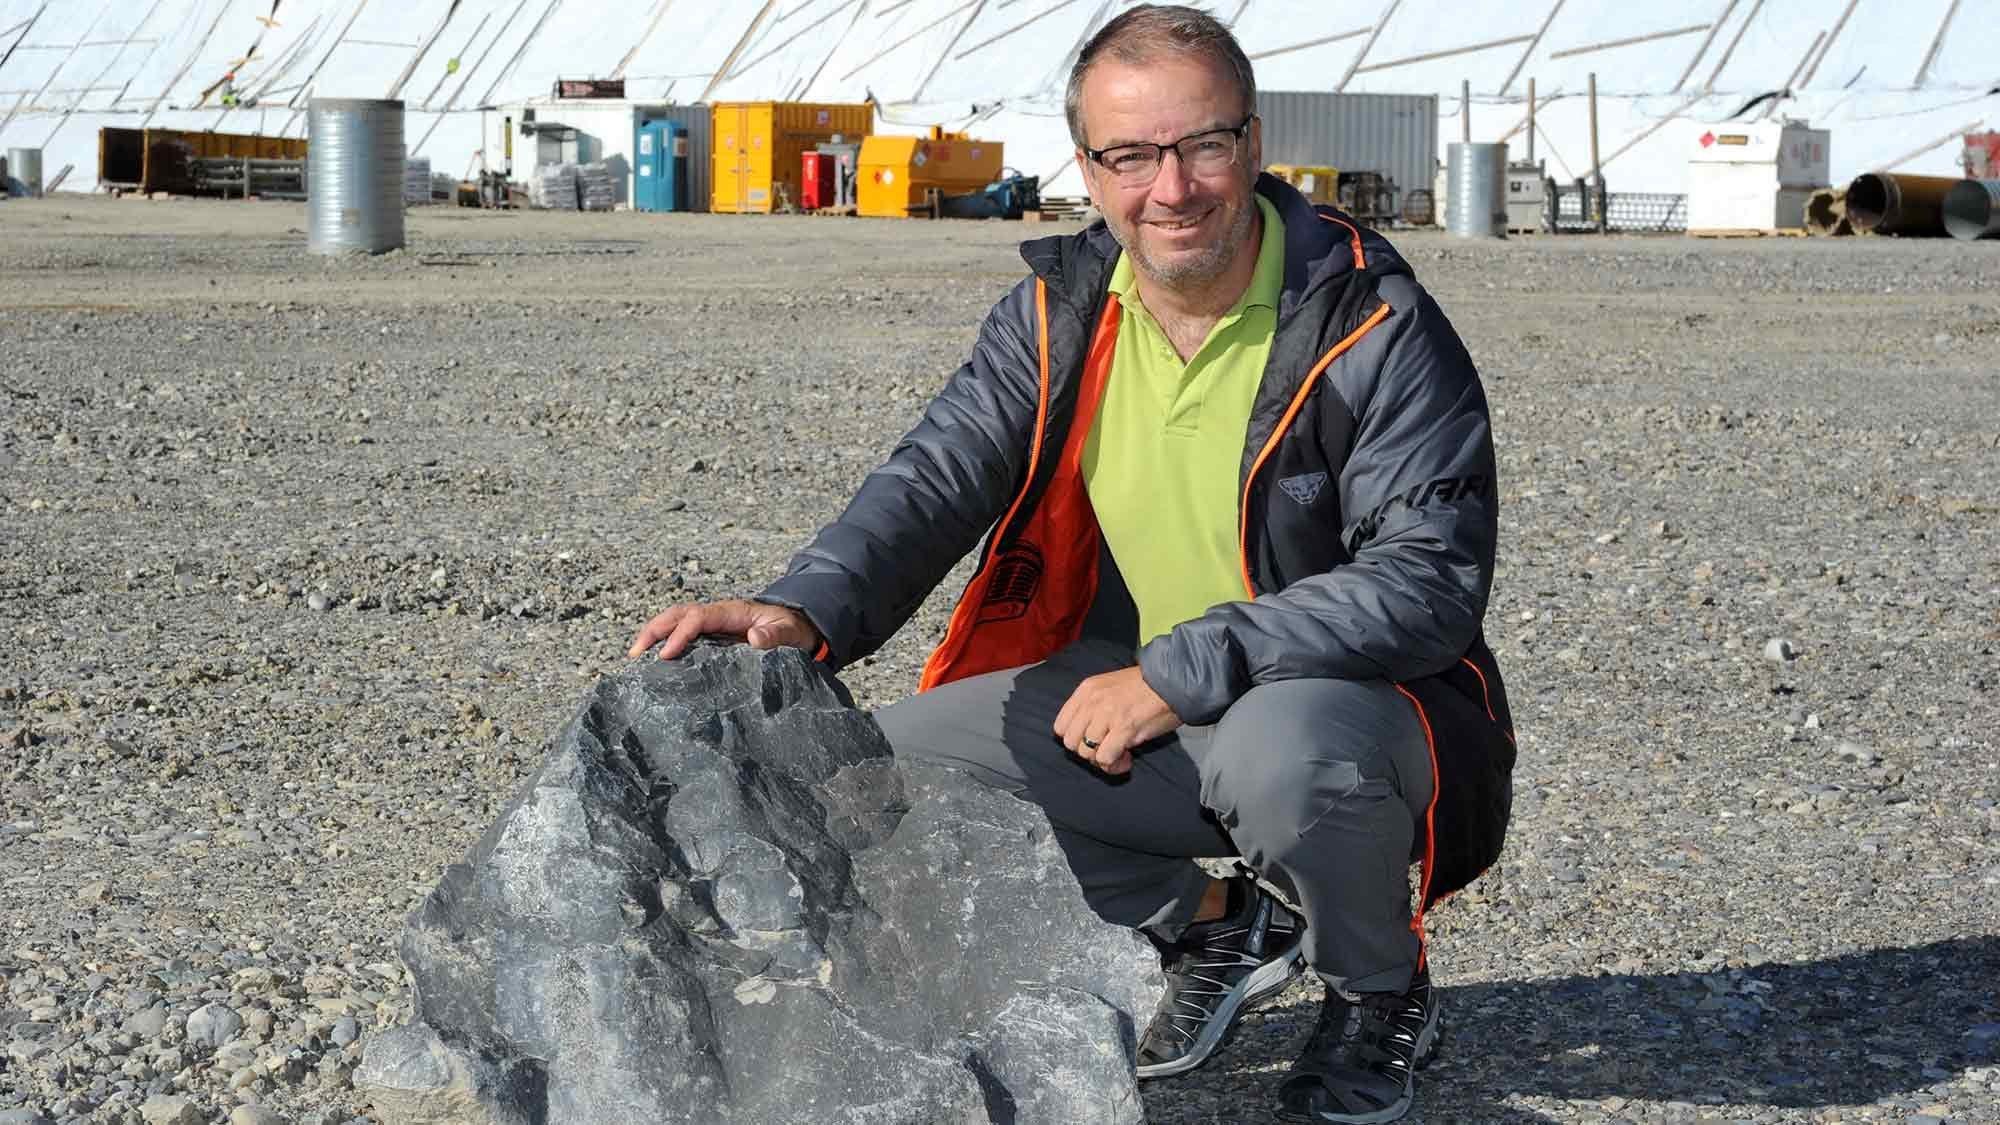 Geologe Heinz Vetter